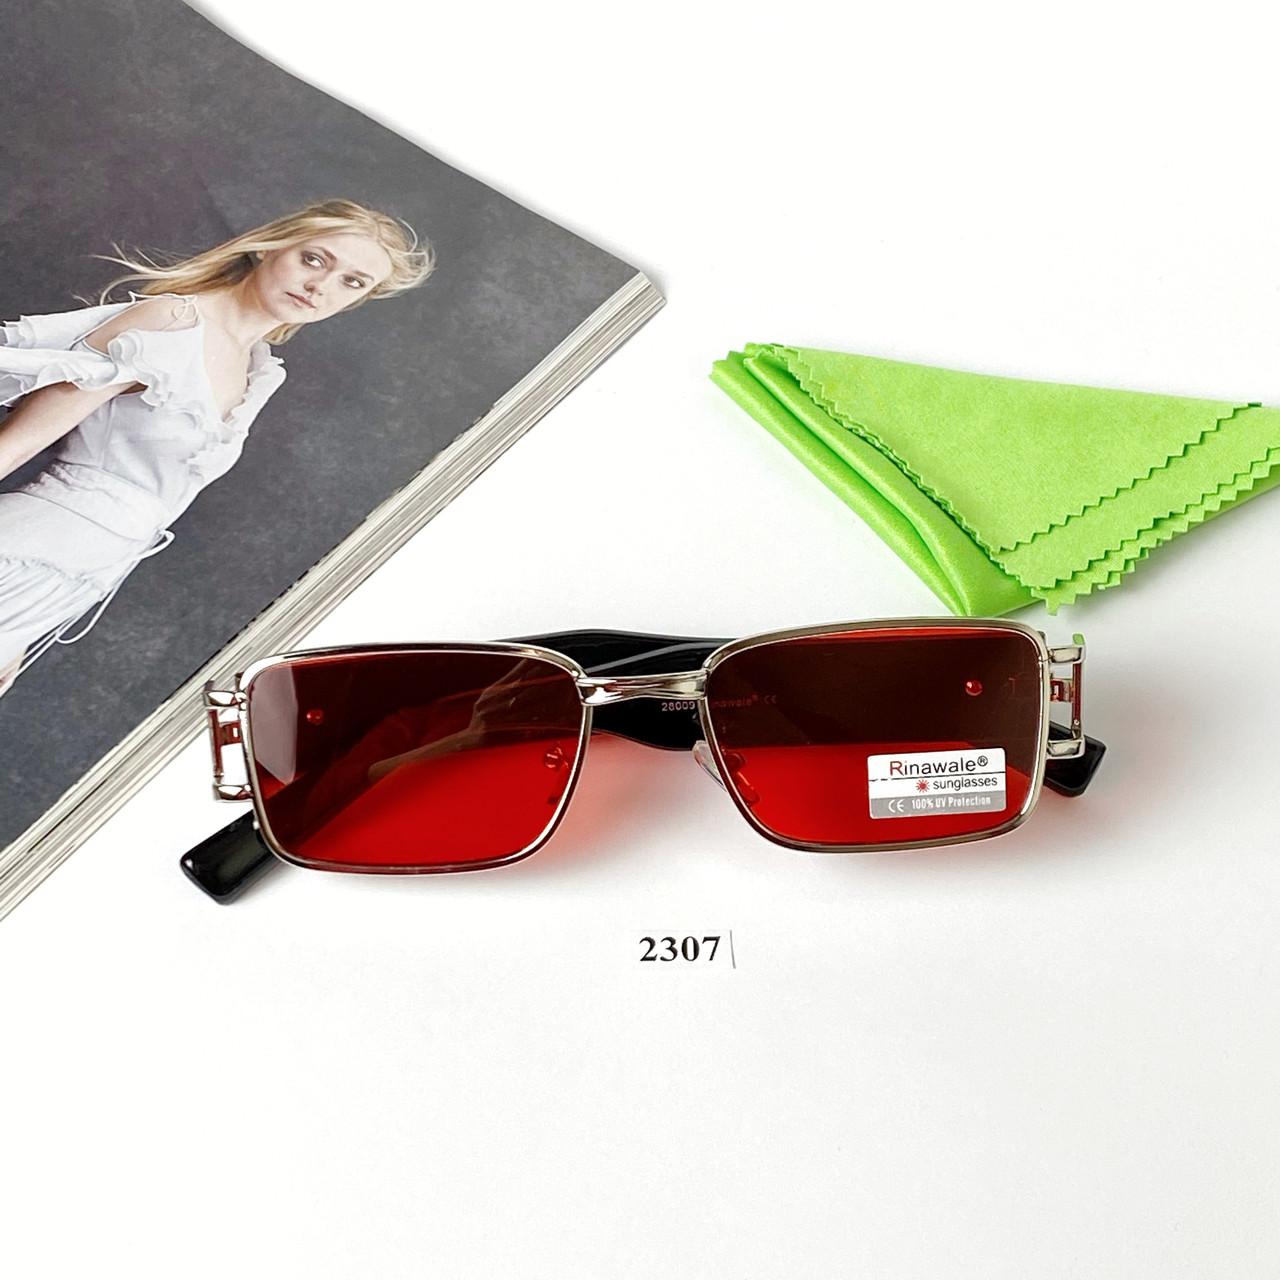 Узкие прямоугольные солнцезащитные очки